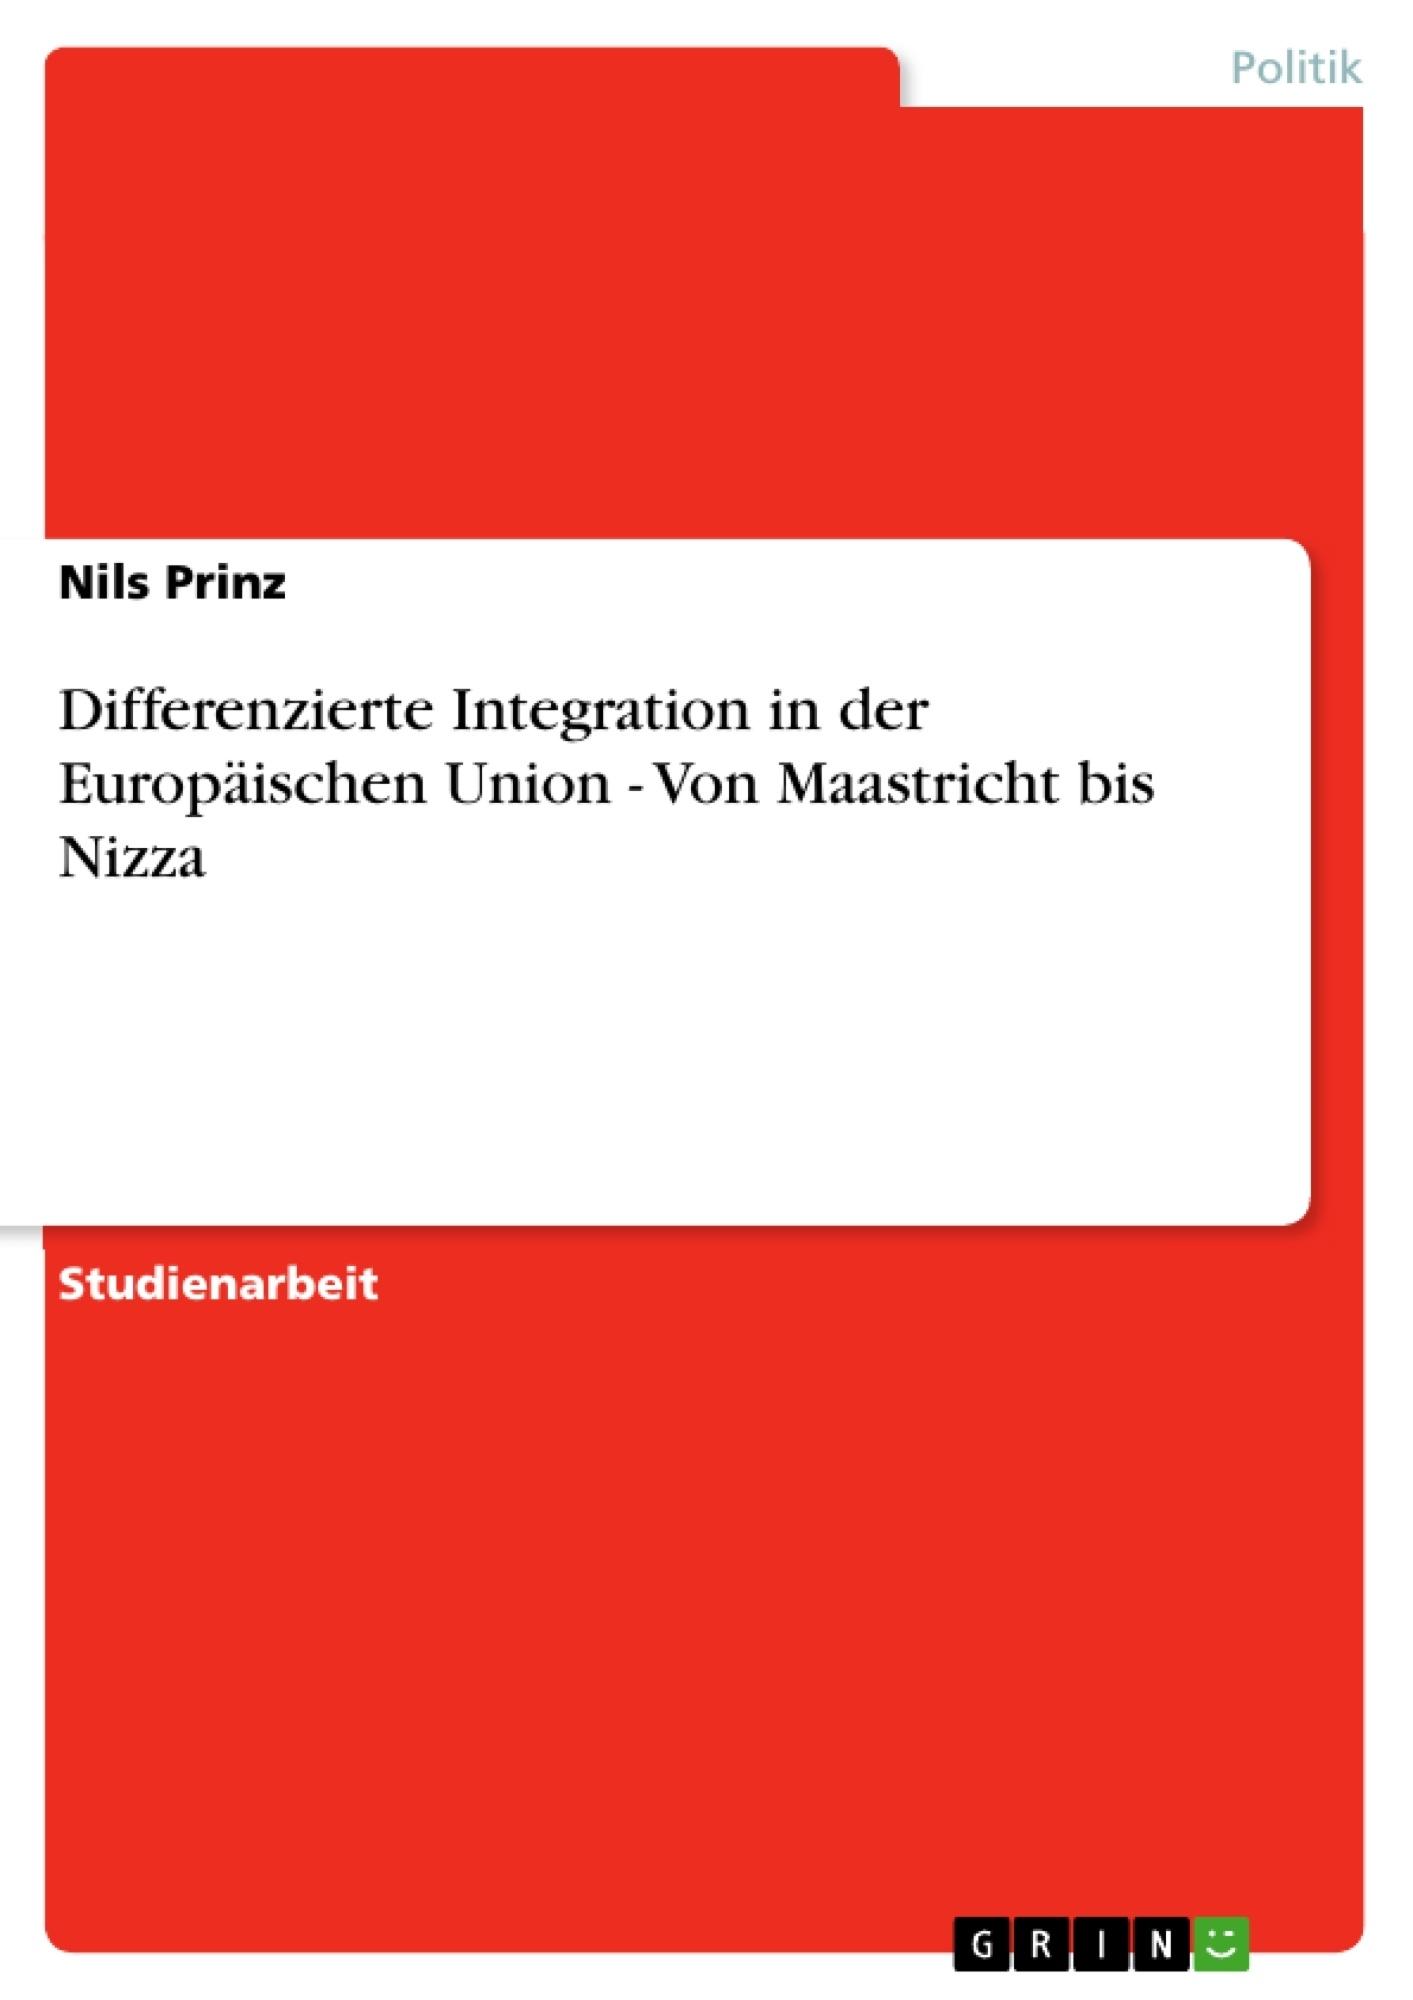 Titel: Differenzierte Integration in der Europäischen Union - Von Maastricht bis Nizza